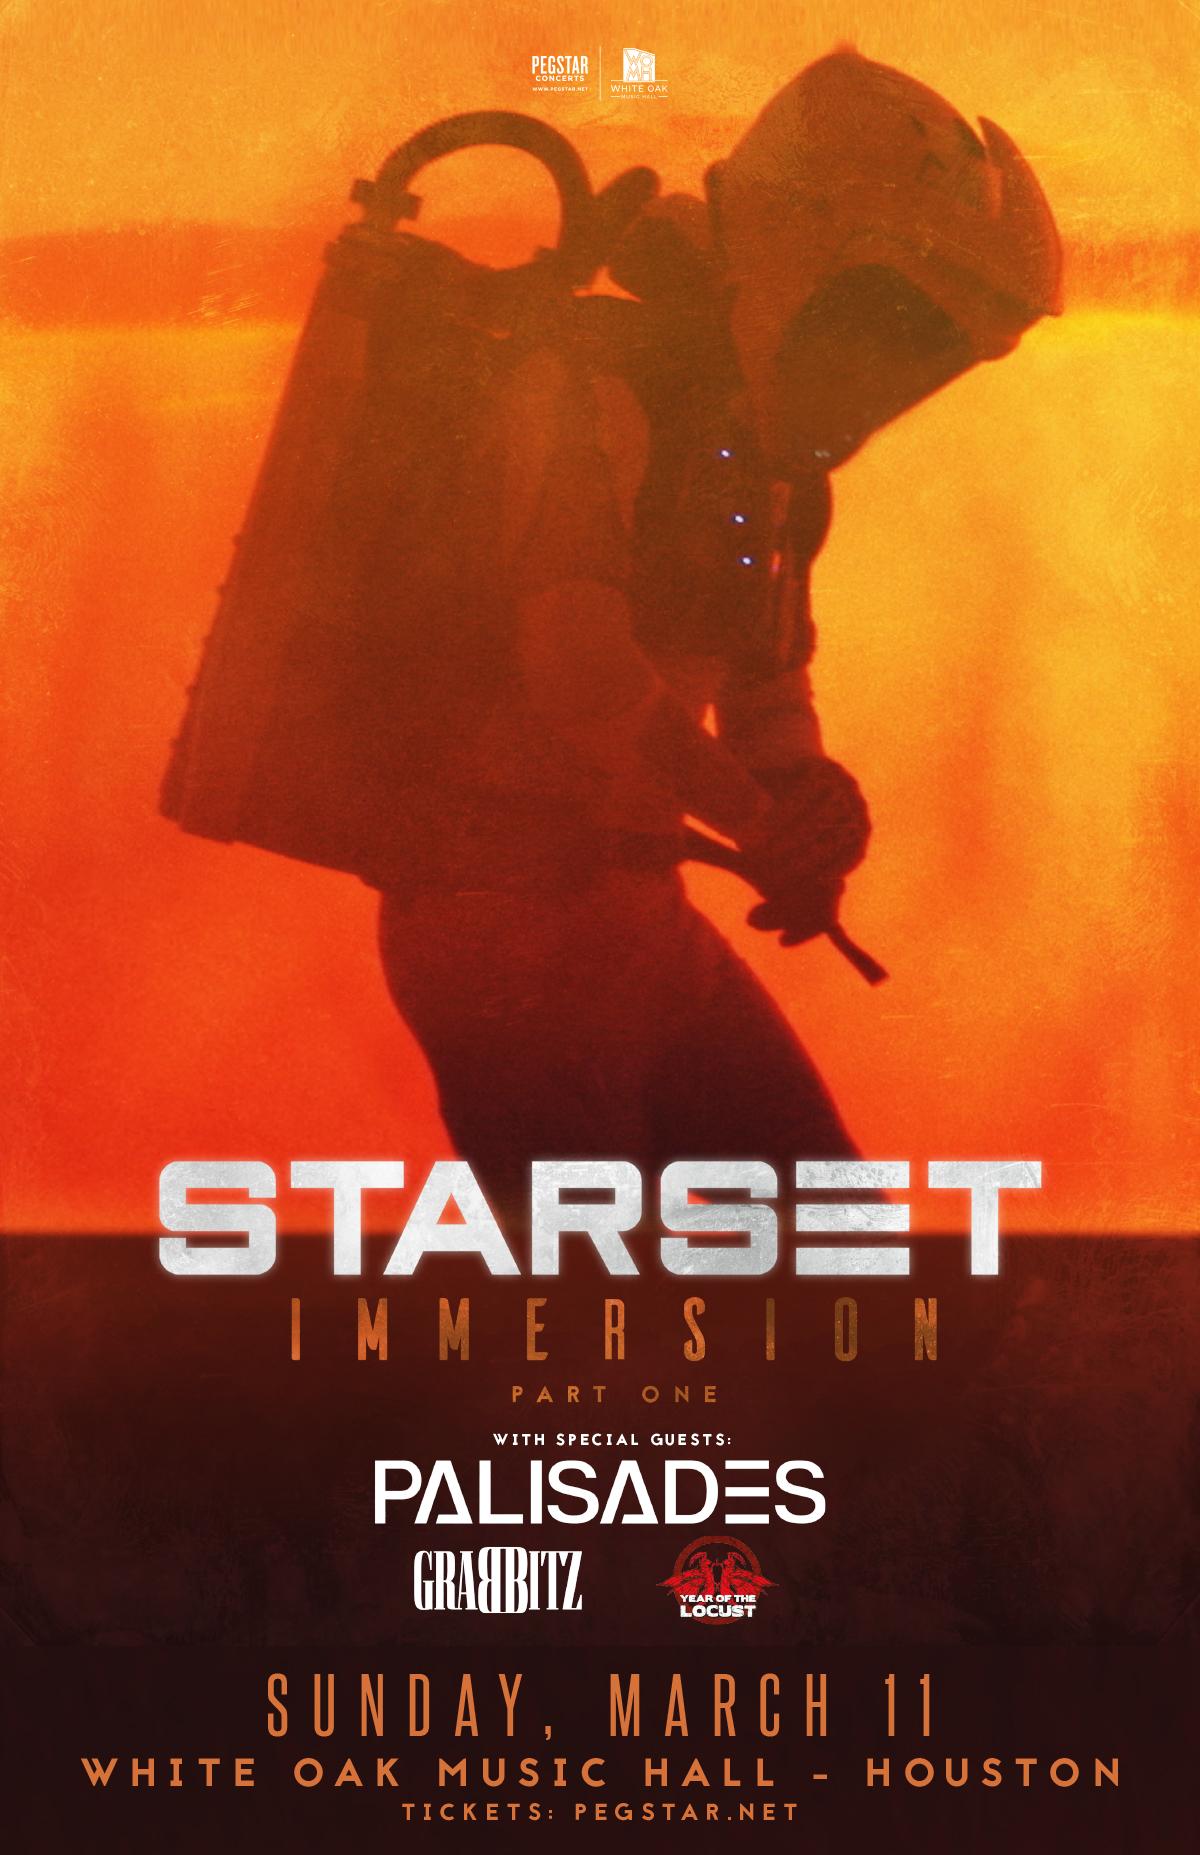 Starset - IMMERSION: Part 1, Palisades, Grabbitz